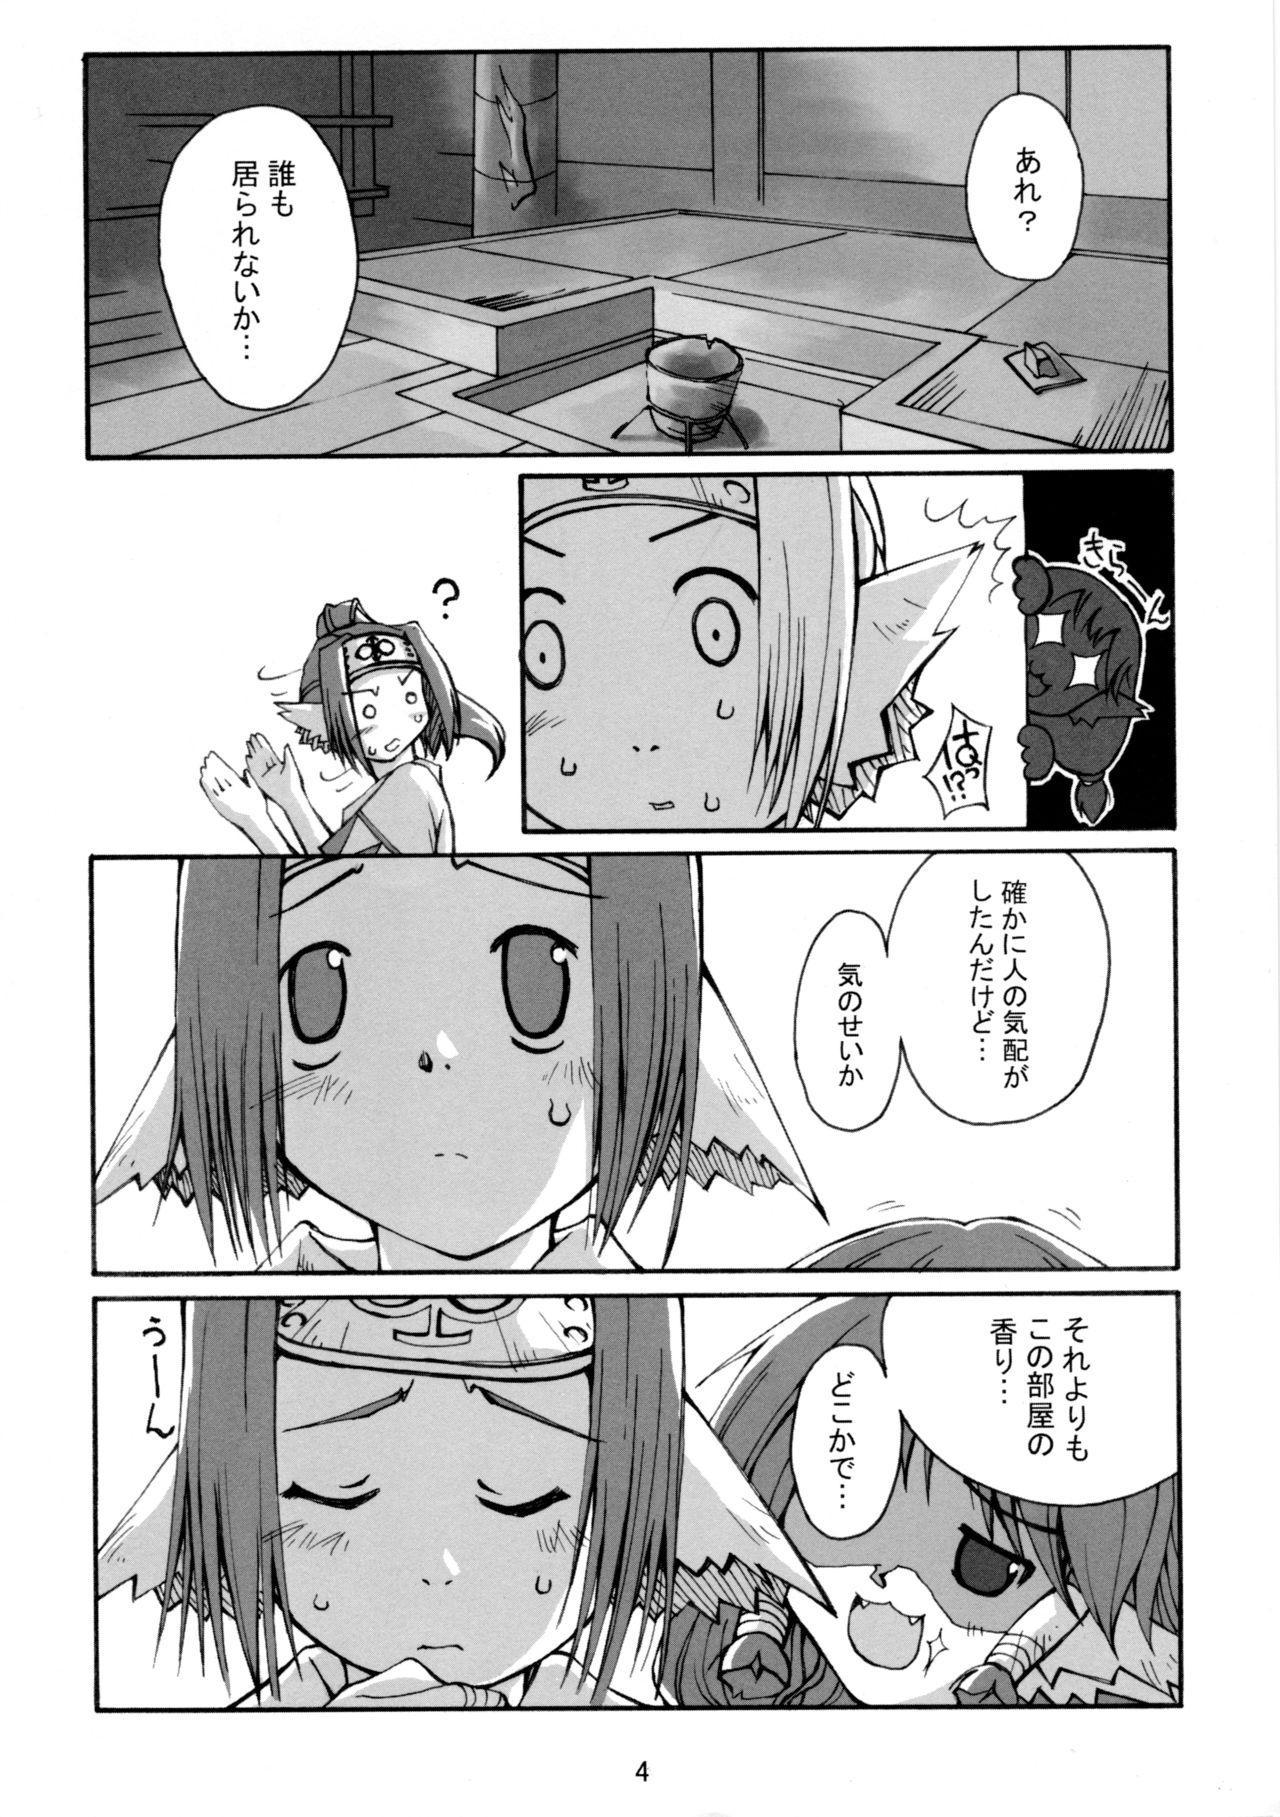 Hachimitsu 5